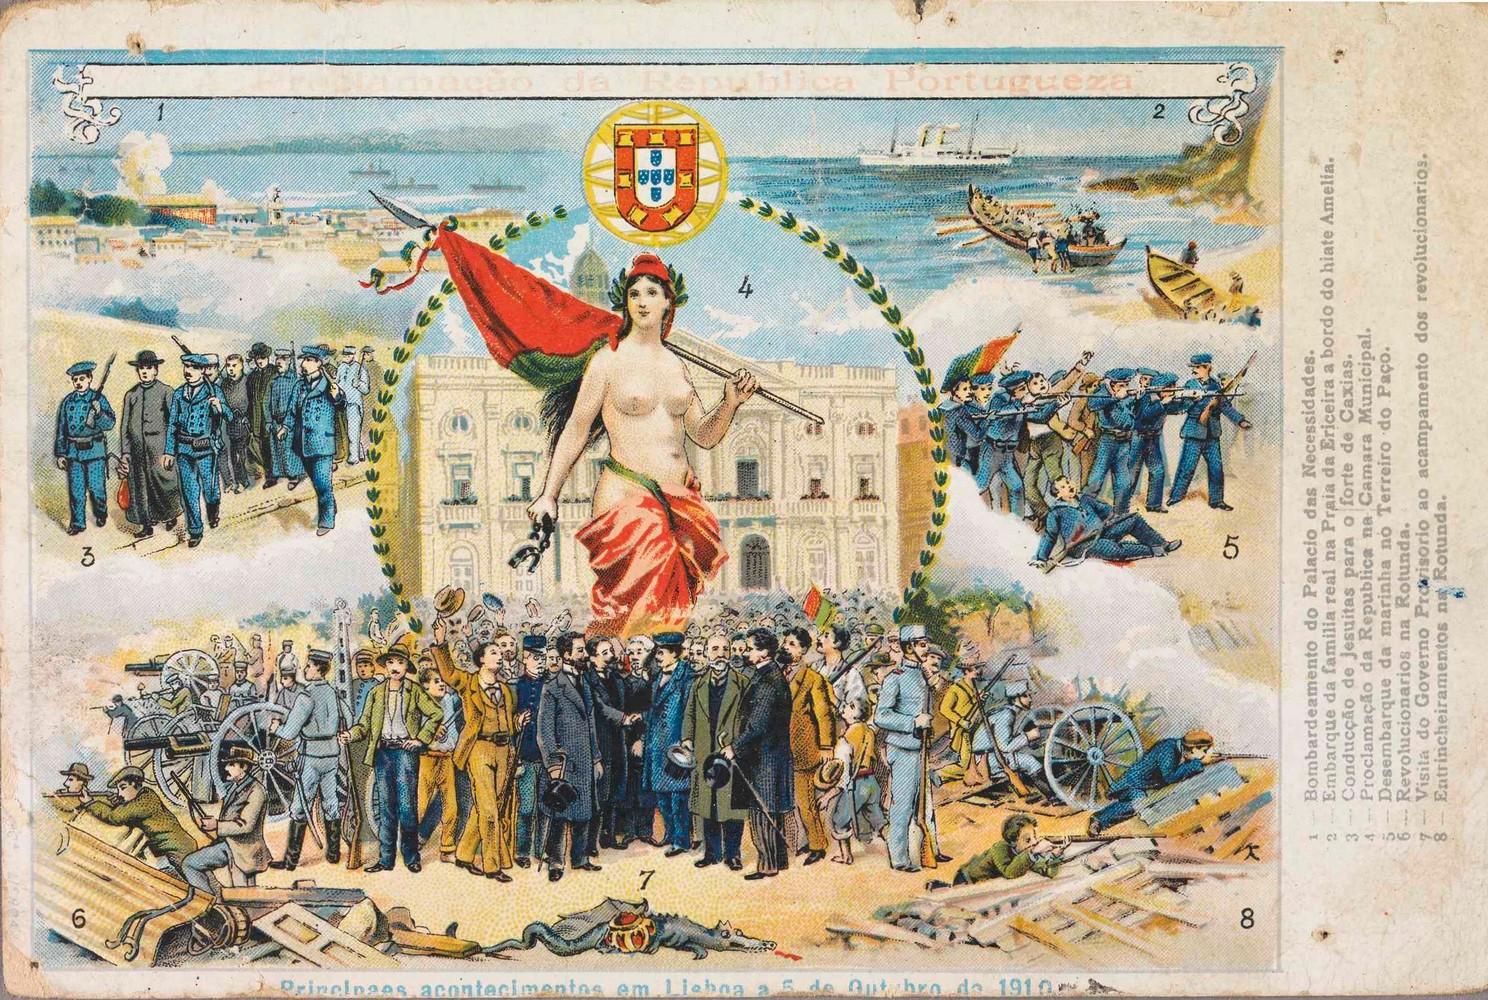 Почтовая открытка, иллюстрирующая революционные события 3 октября 1910 г. в Лиссабоне (9×13,8 см, 1910 г.).